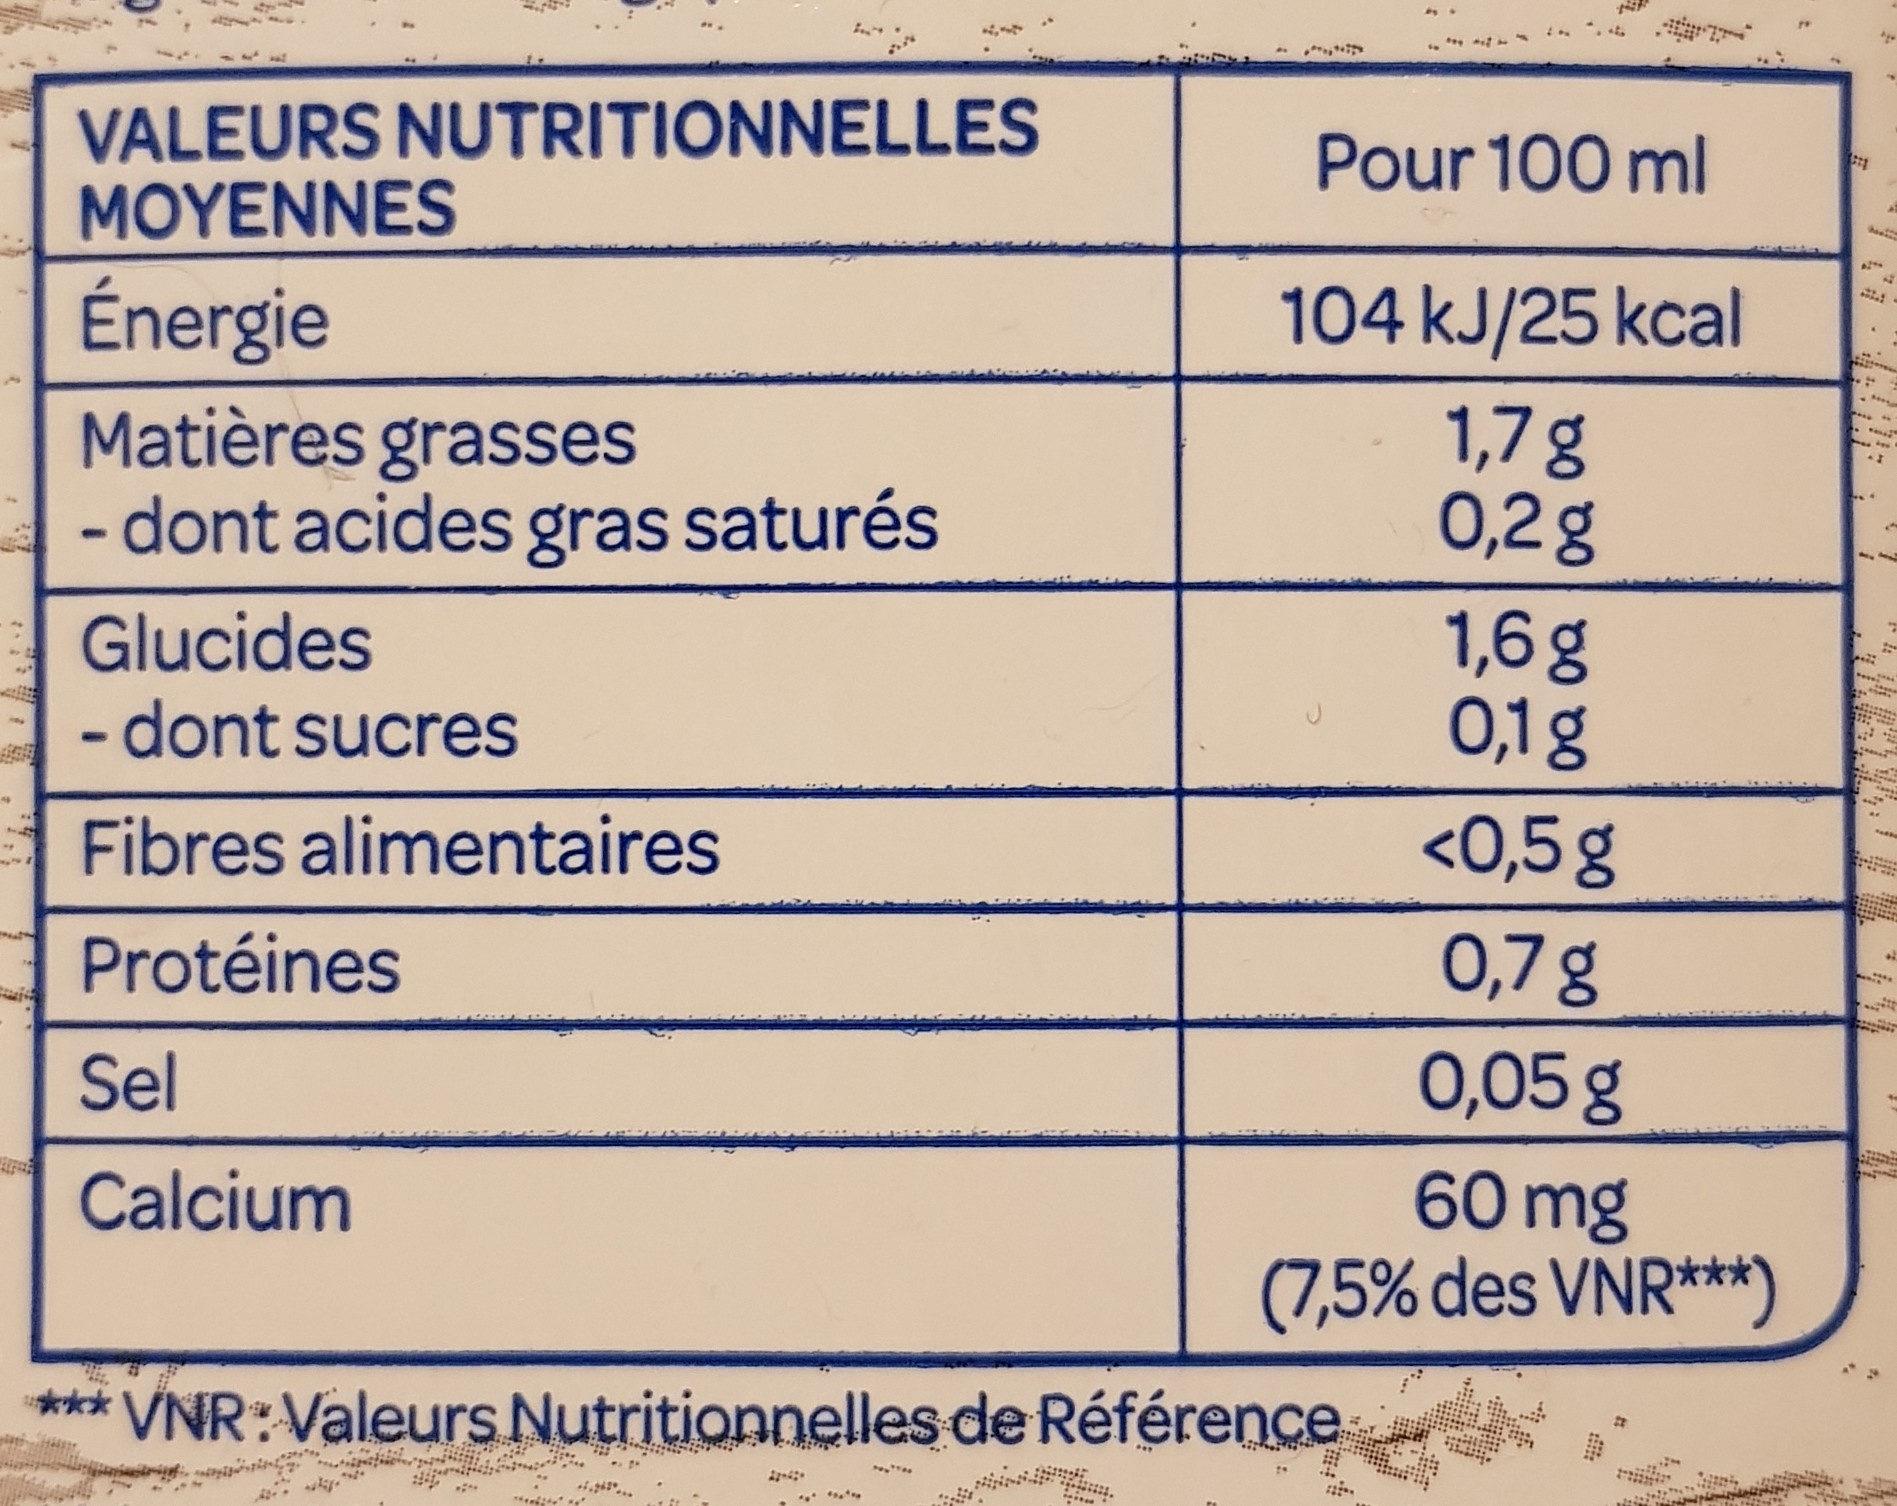 Lait d'amande sans sucres - Nutrition facts - fr